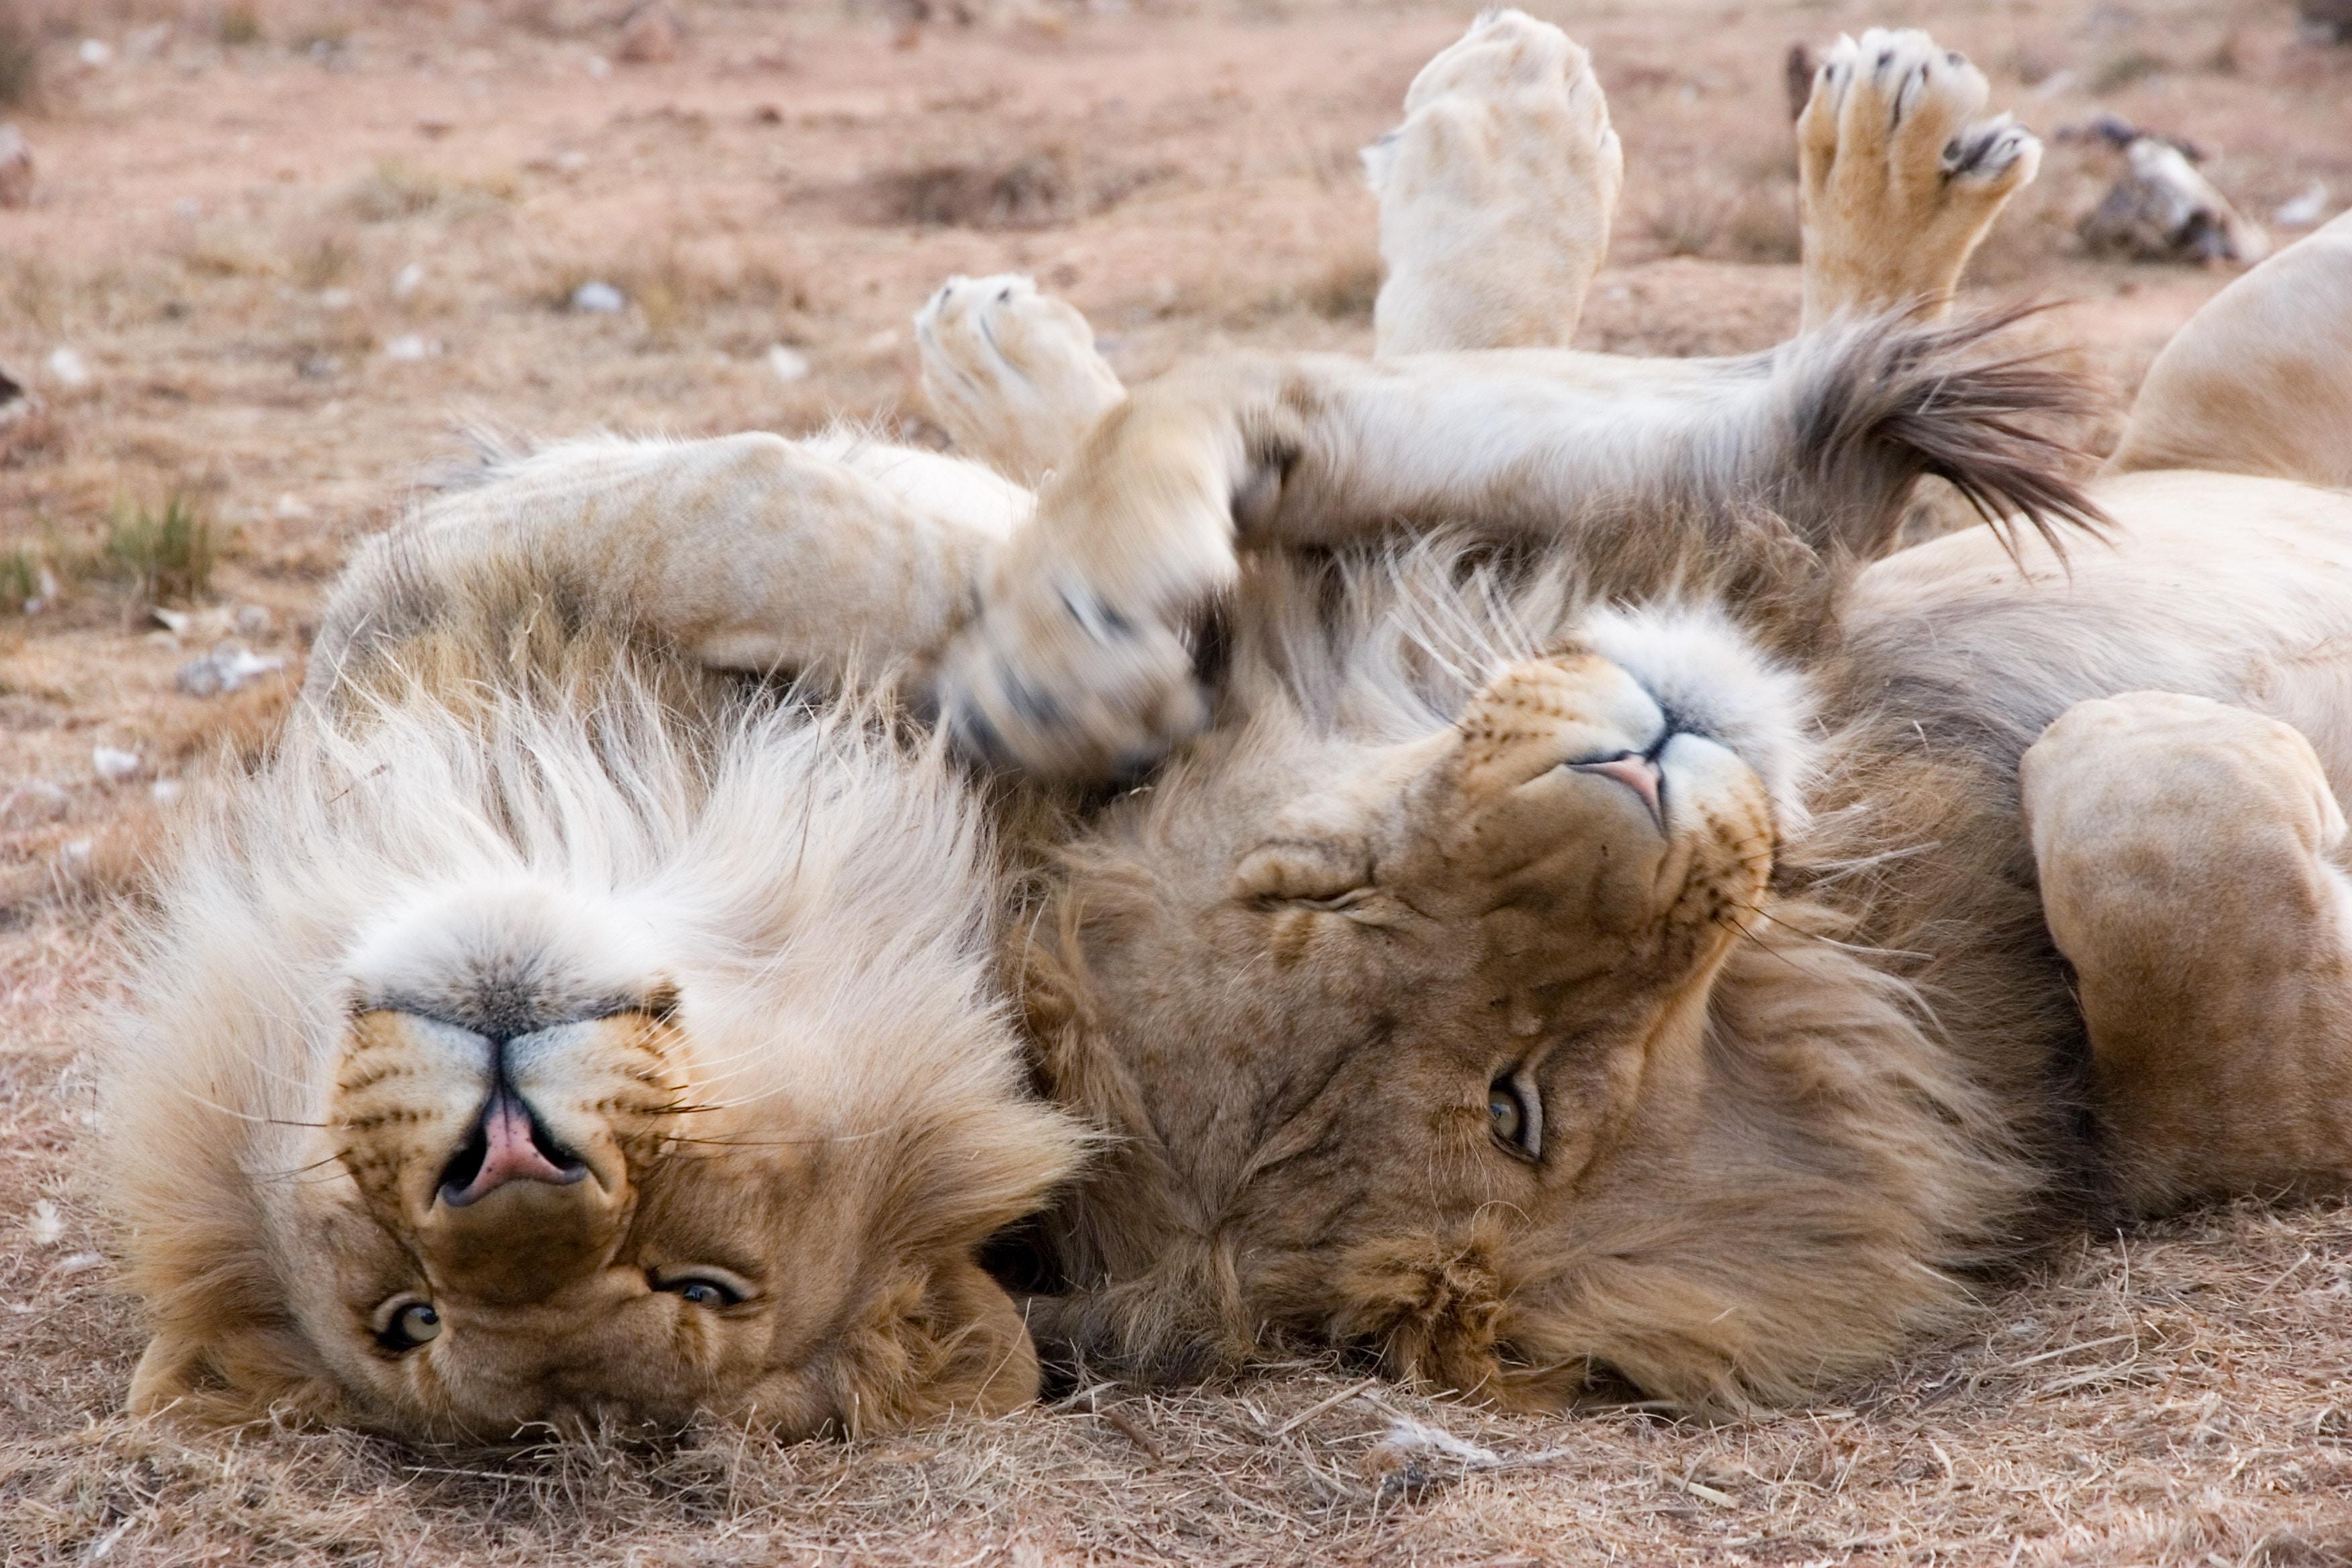 Lions in a Cape Town Safari